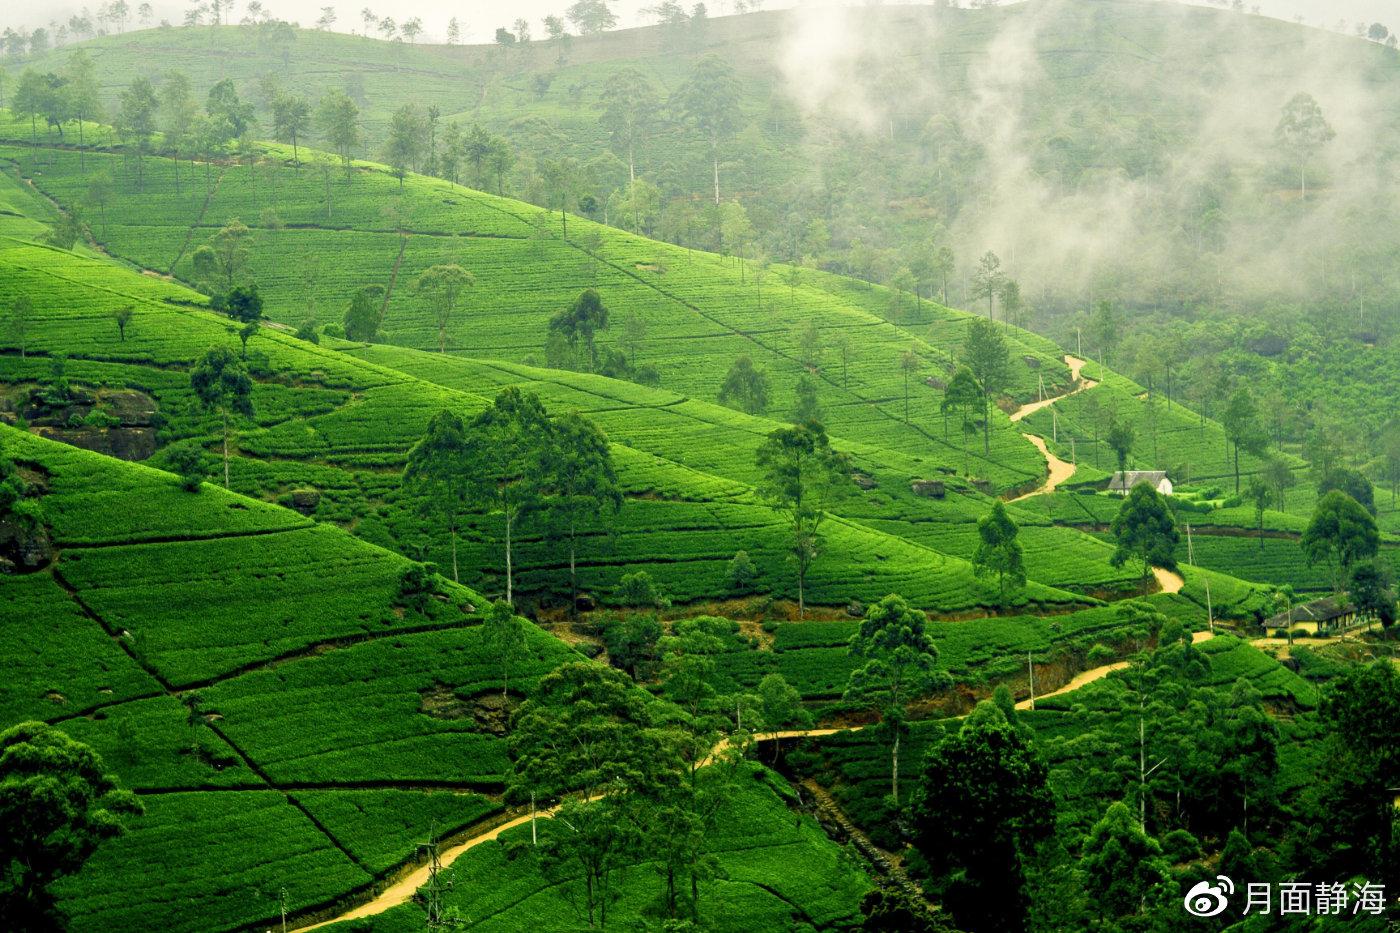 斯里兰卡|不止高山茶园、野生动物和古城,探索印度洋小岛的N种玩法